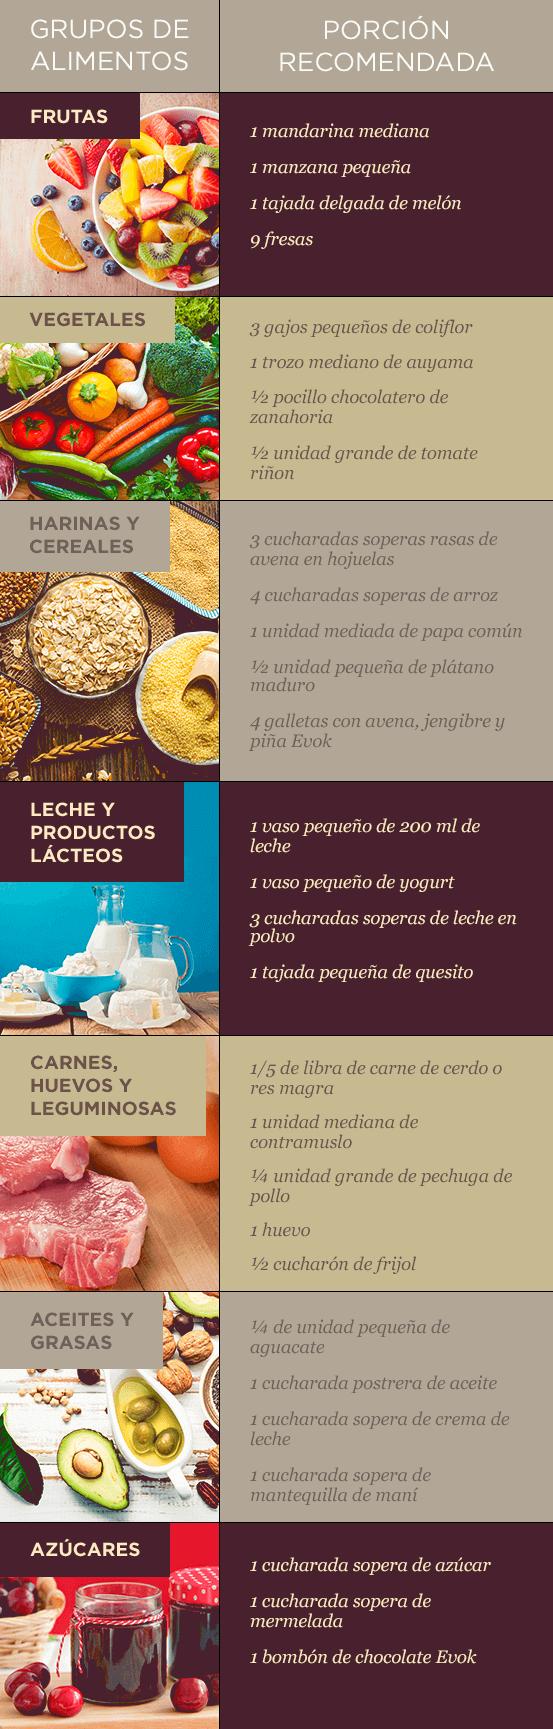 Conoce aquí las porciones de alimentos recomendadas de algunos grupos de alimentos